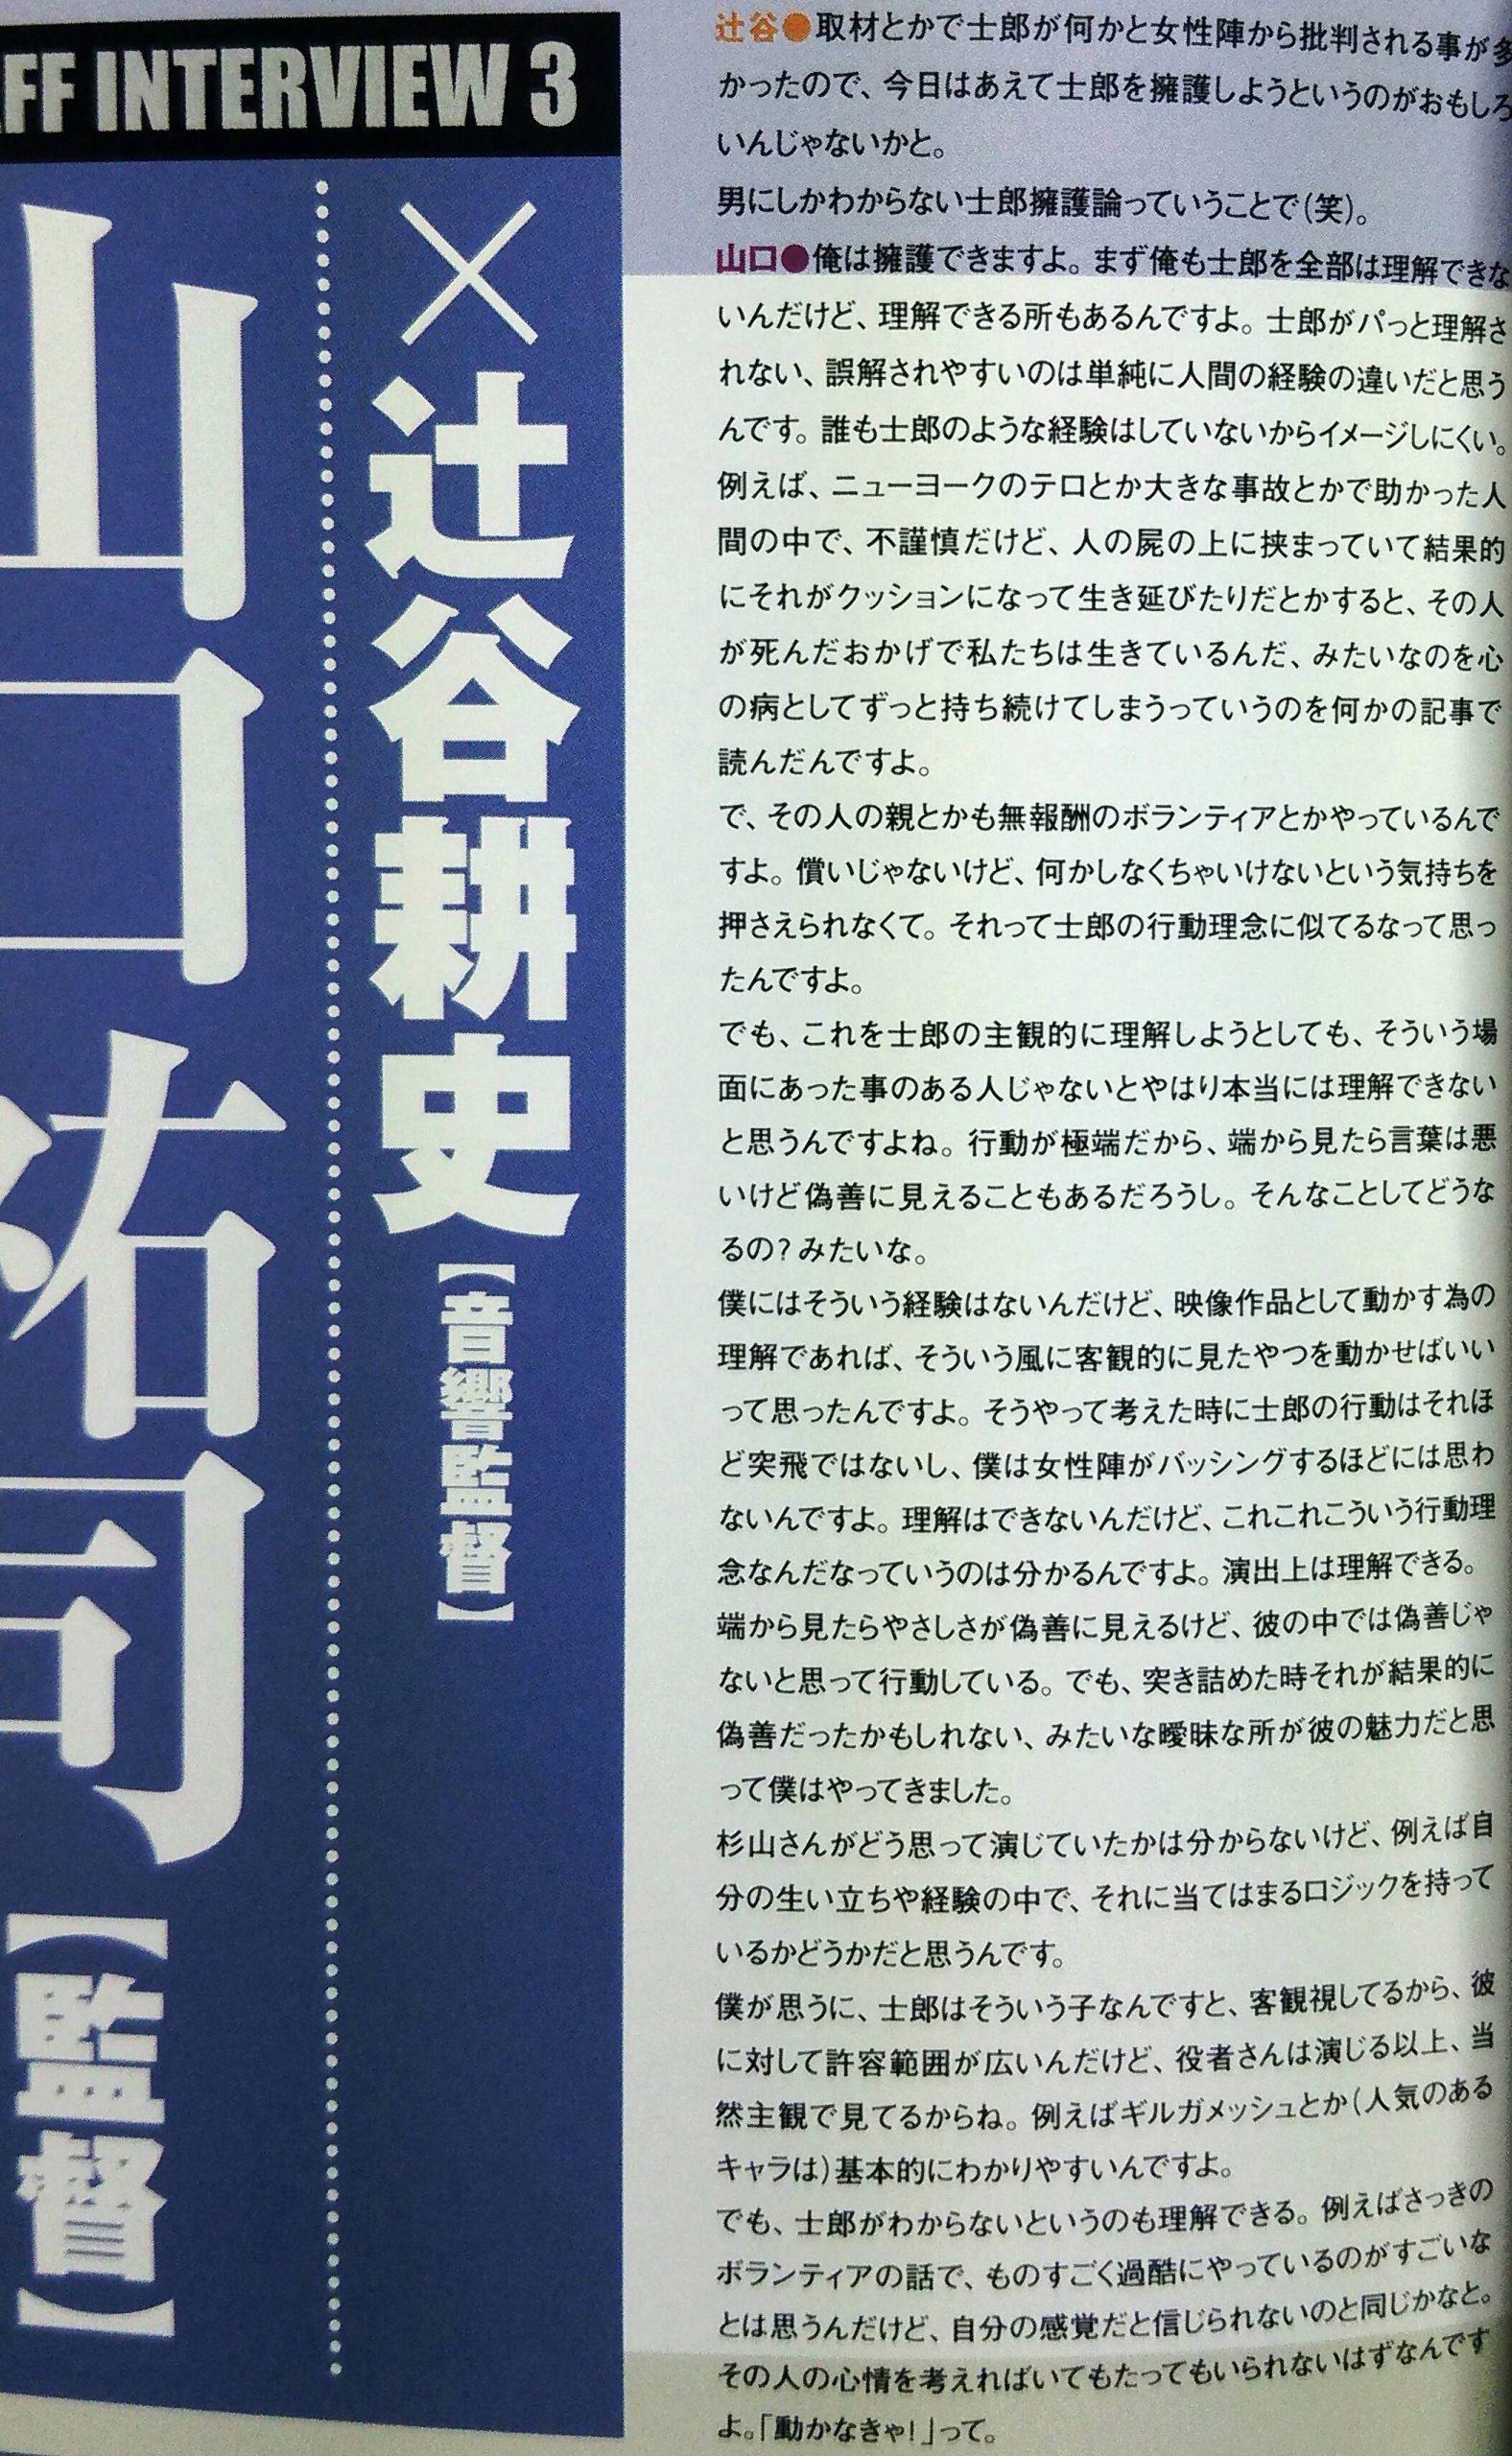 7 2 scaled - 人気アニメ「Fate/staynight」を手がけた監督が死去なさる。